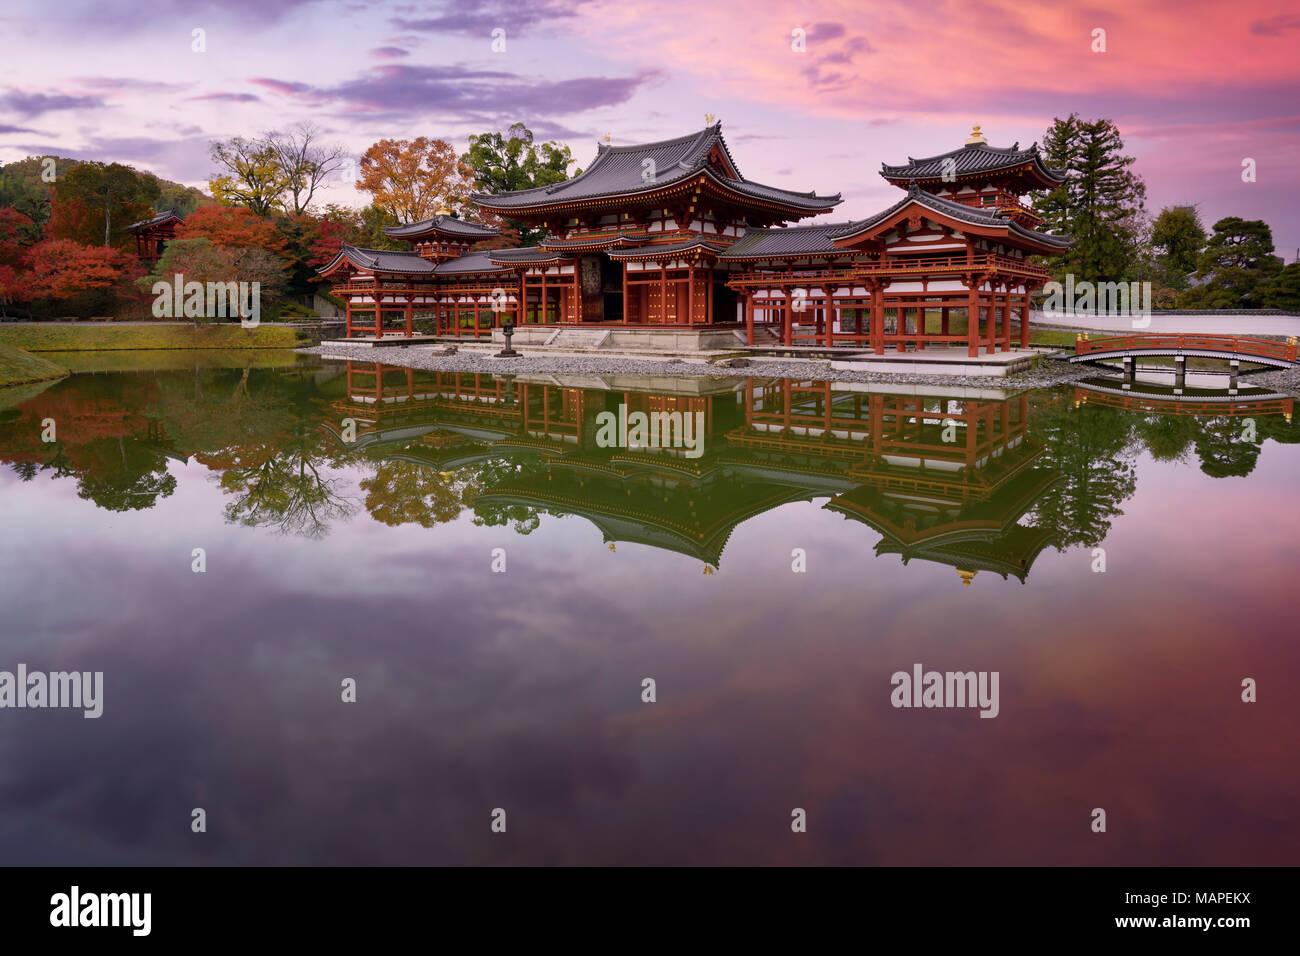 Tranquillo paesaggio autunnale del Phoenix Hall, Amida hall di Byodoin temple su Kojima isola di Jodoshiki teien, Pura Terra del laghetto in giardino. Uji, Kyoto Prefe Immagini Stock